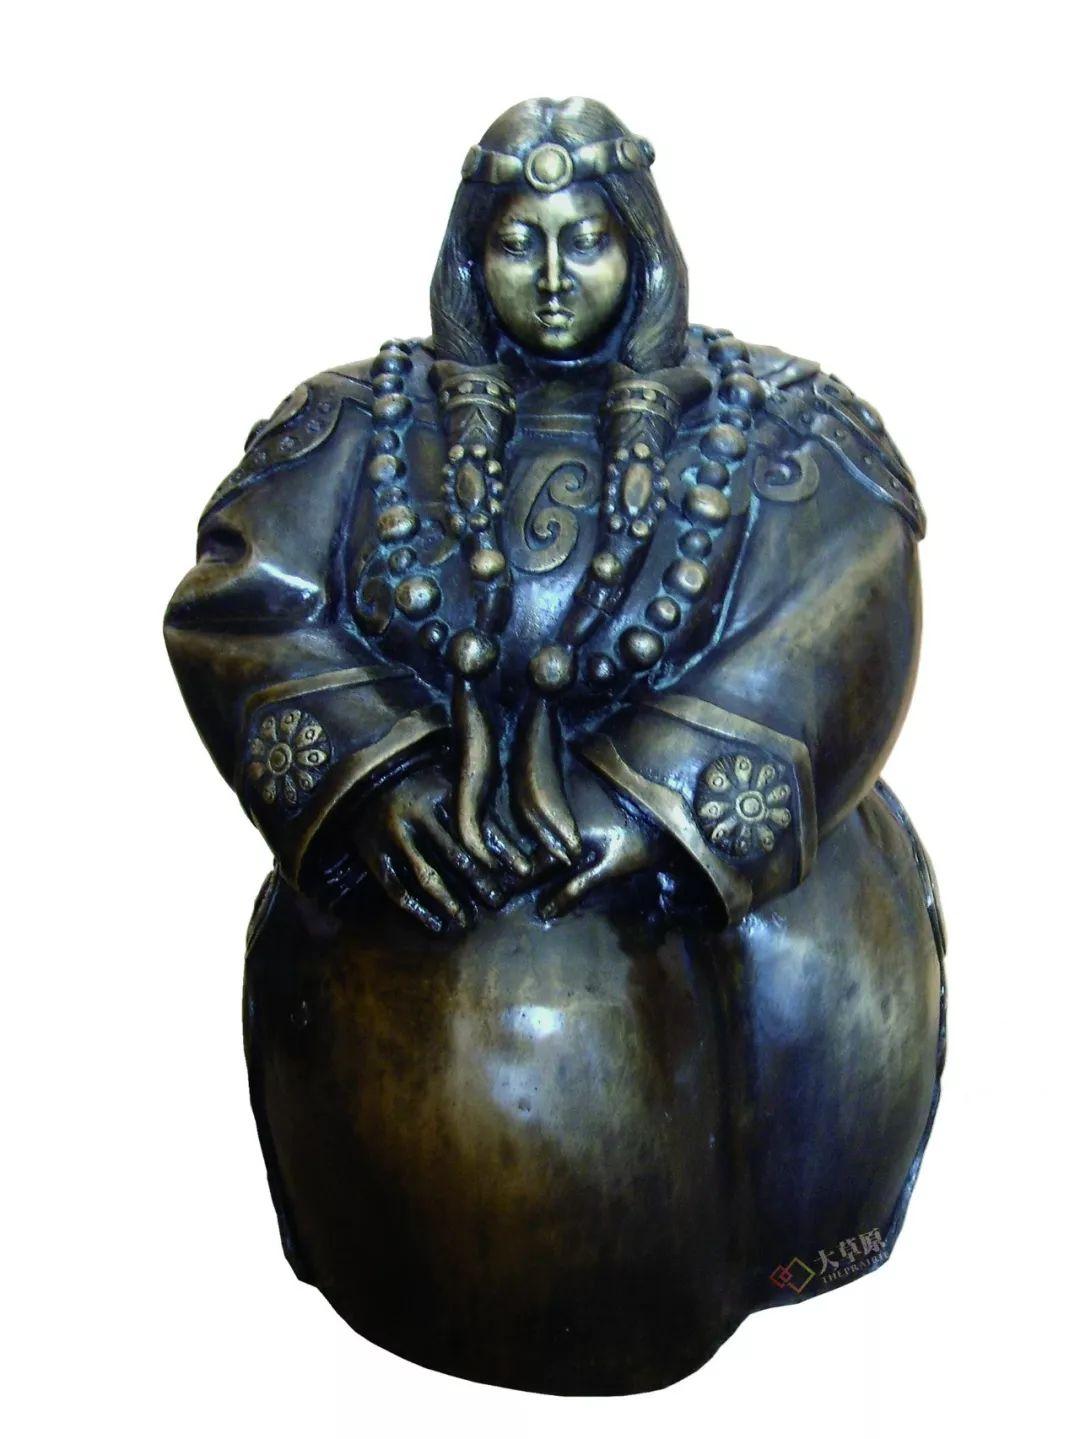 没有草稿一次成型,追求工匠精神的她将生命的活力注入蒙古特色陶艺作品中 第7张